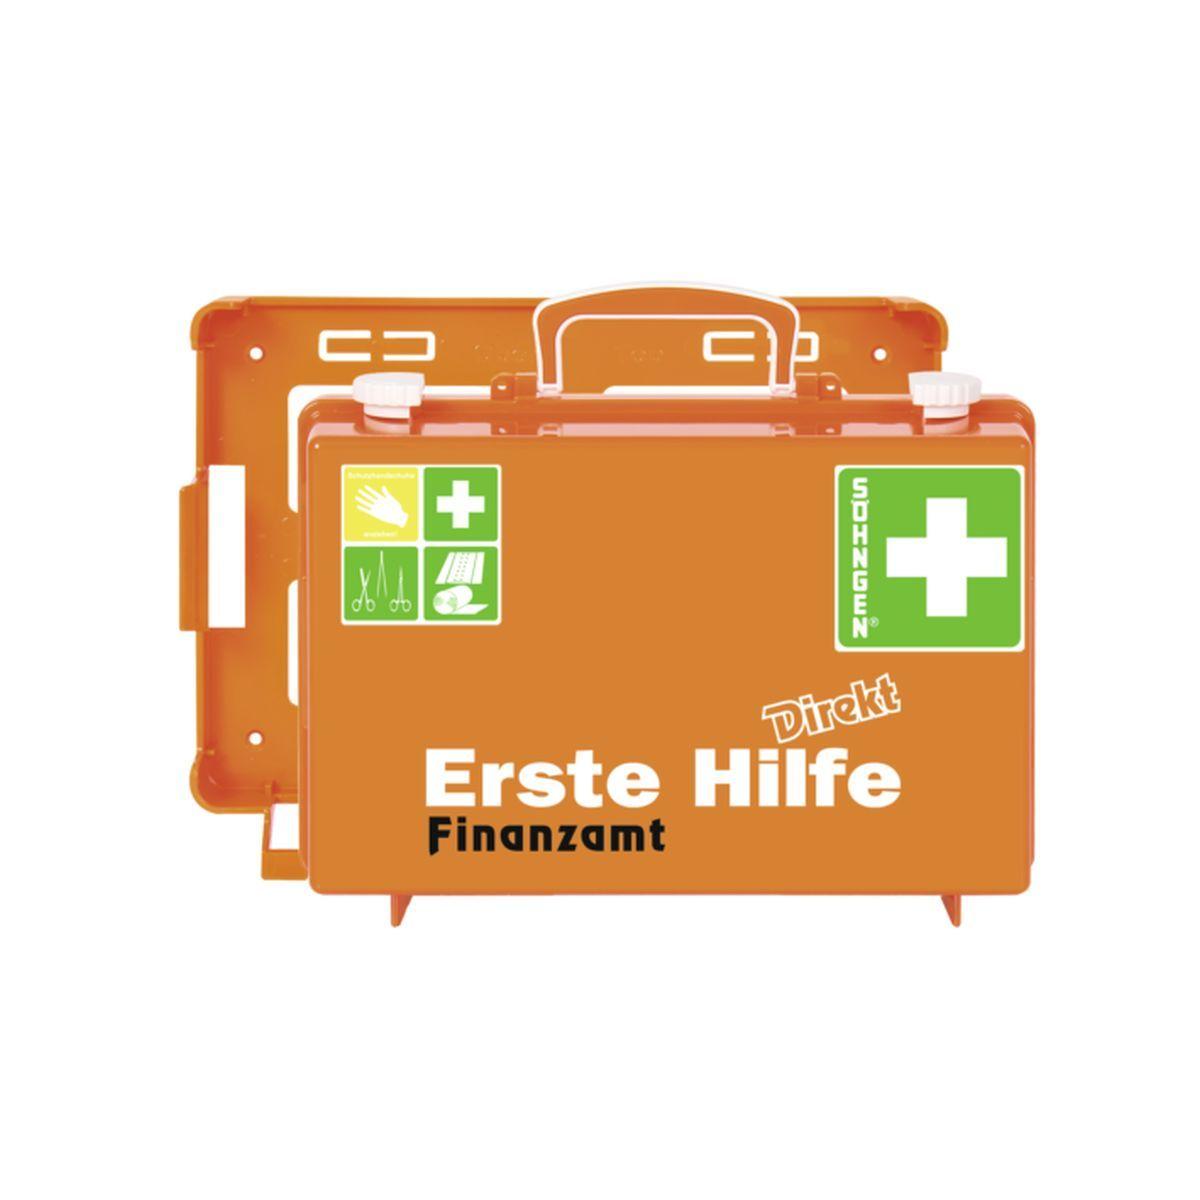 Erste Hilfe Koffer DIN 13157 DIREKT, Finanzamt